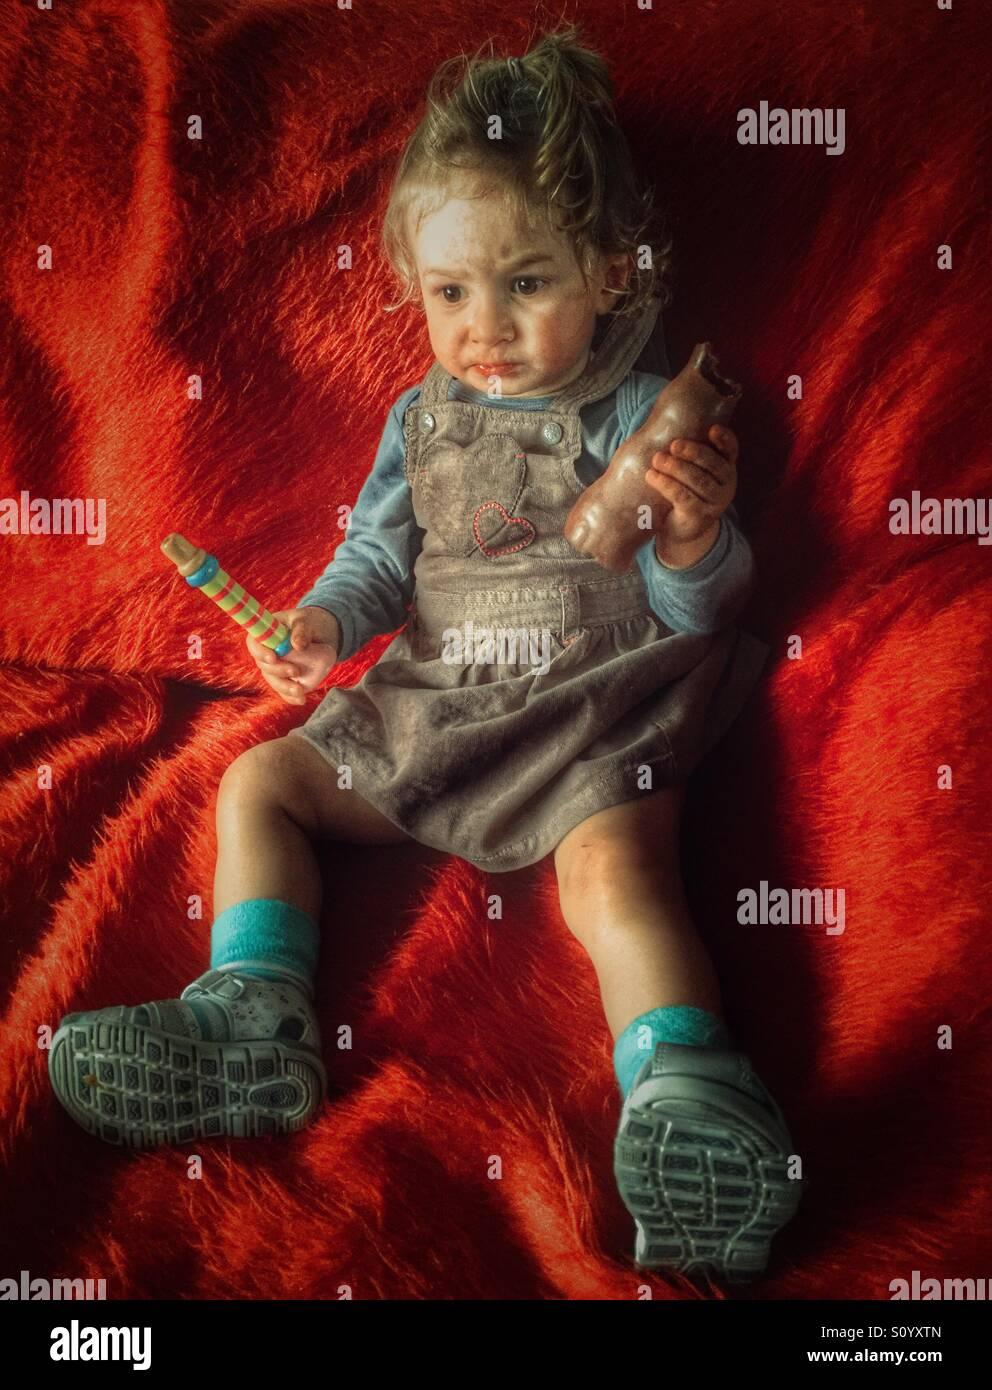 Diciotto mesi baby ragazza seduta sul divano e mangiare il cioccolato Immagini Stock